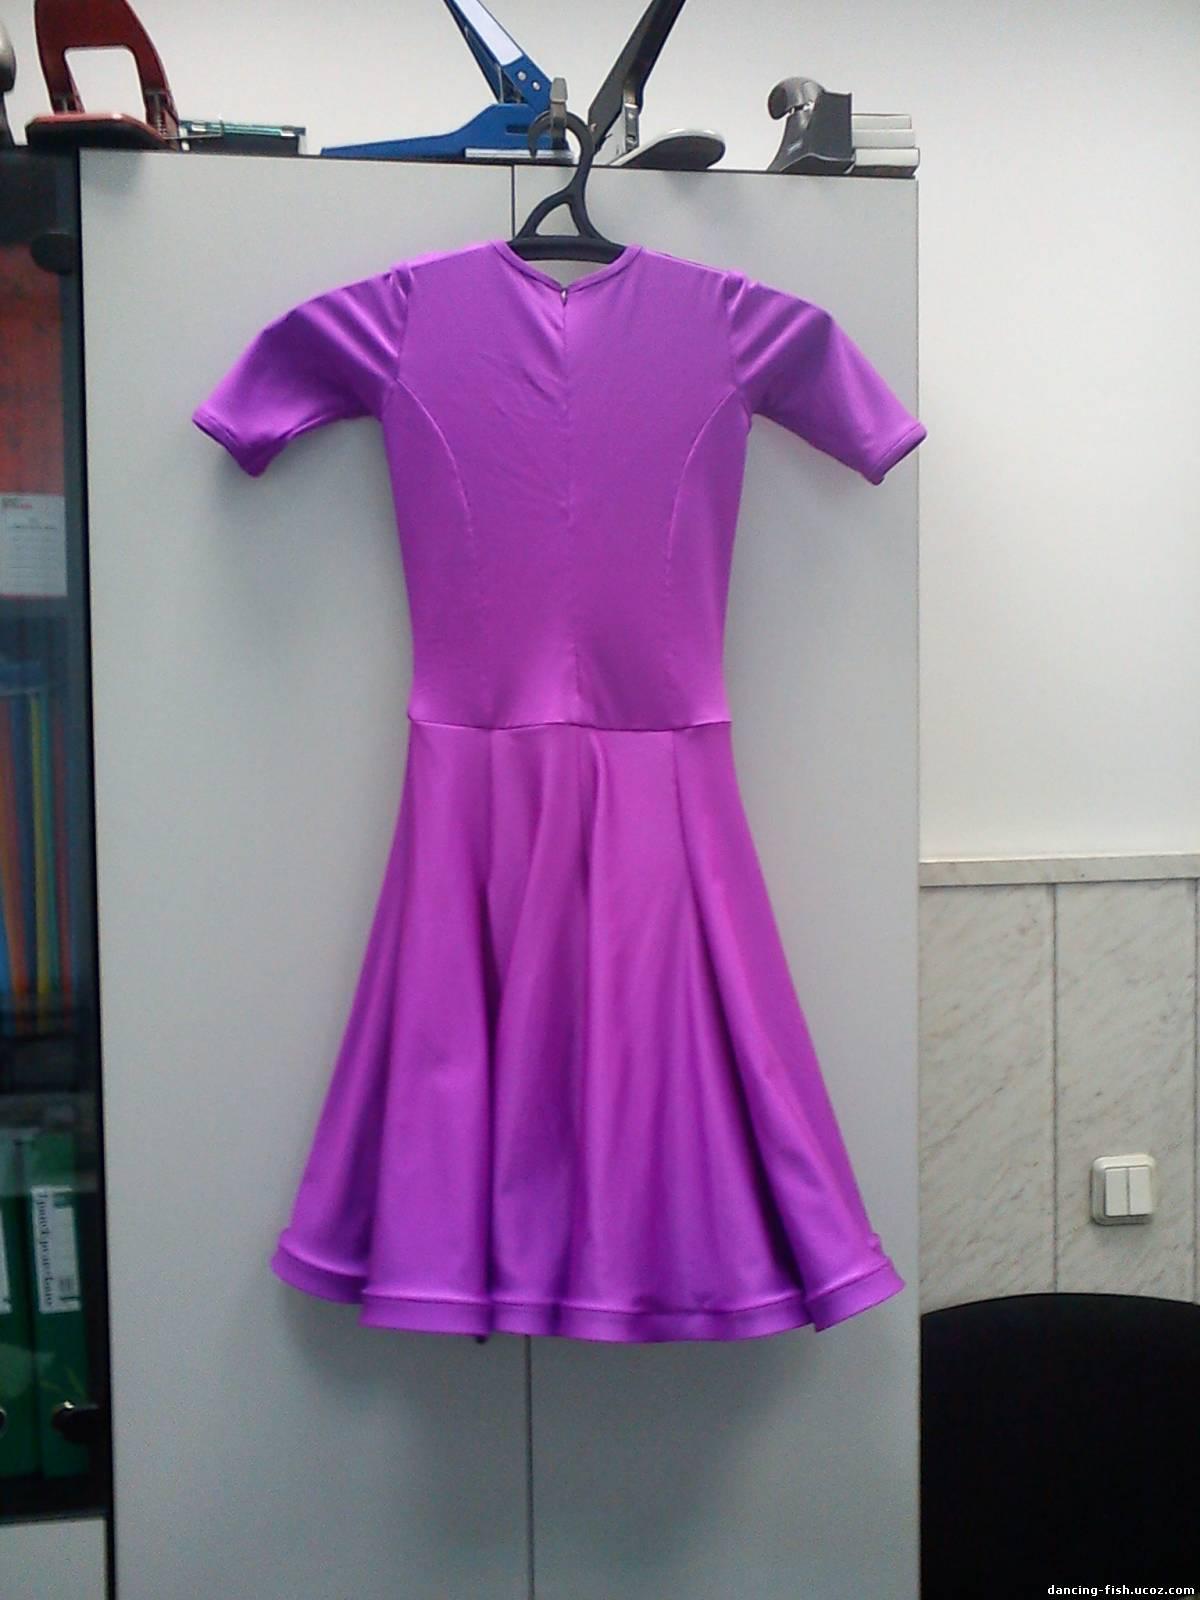 Фото платьев по бальным танцам ювеналы 2011 года 3